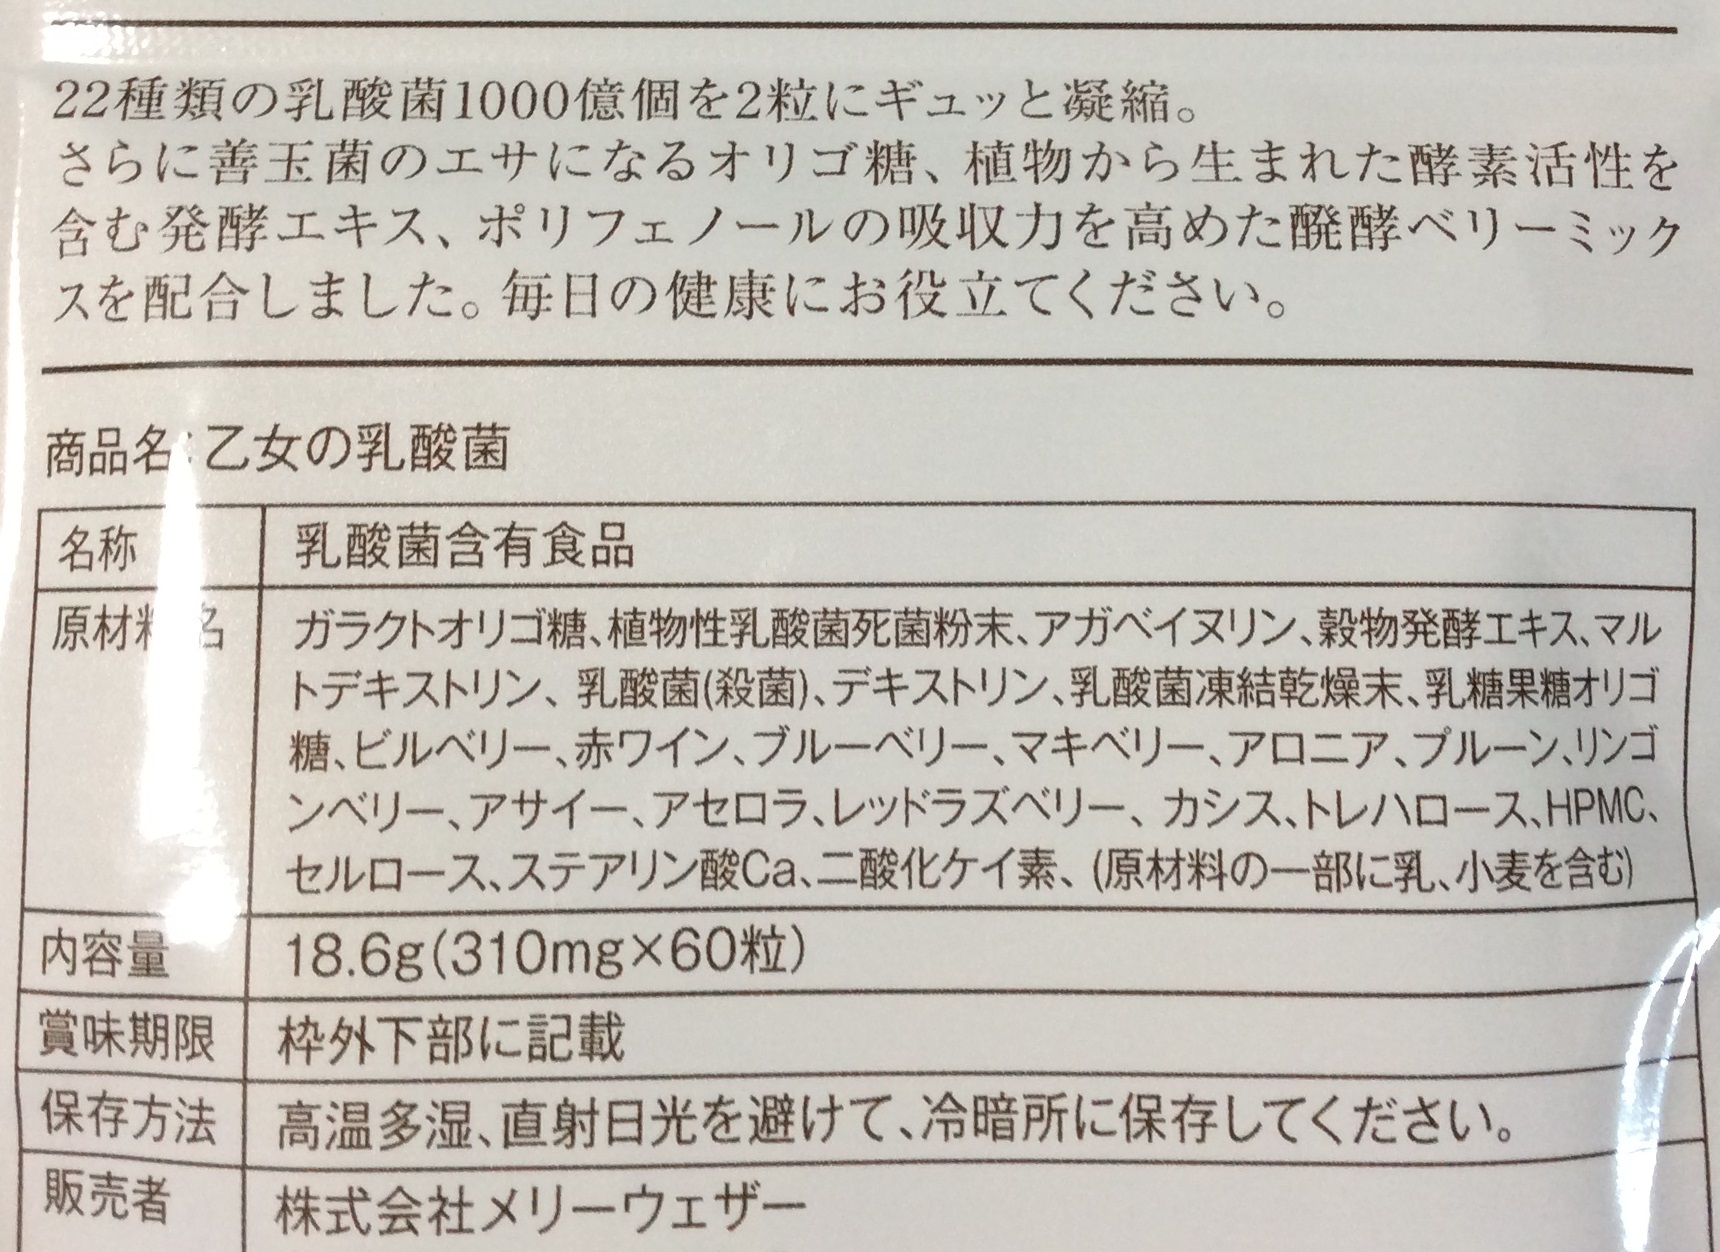 D319400F-9883-431F-A544-FC5A5808573A.jpeg